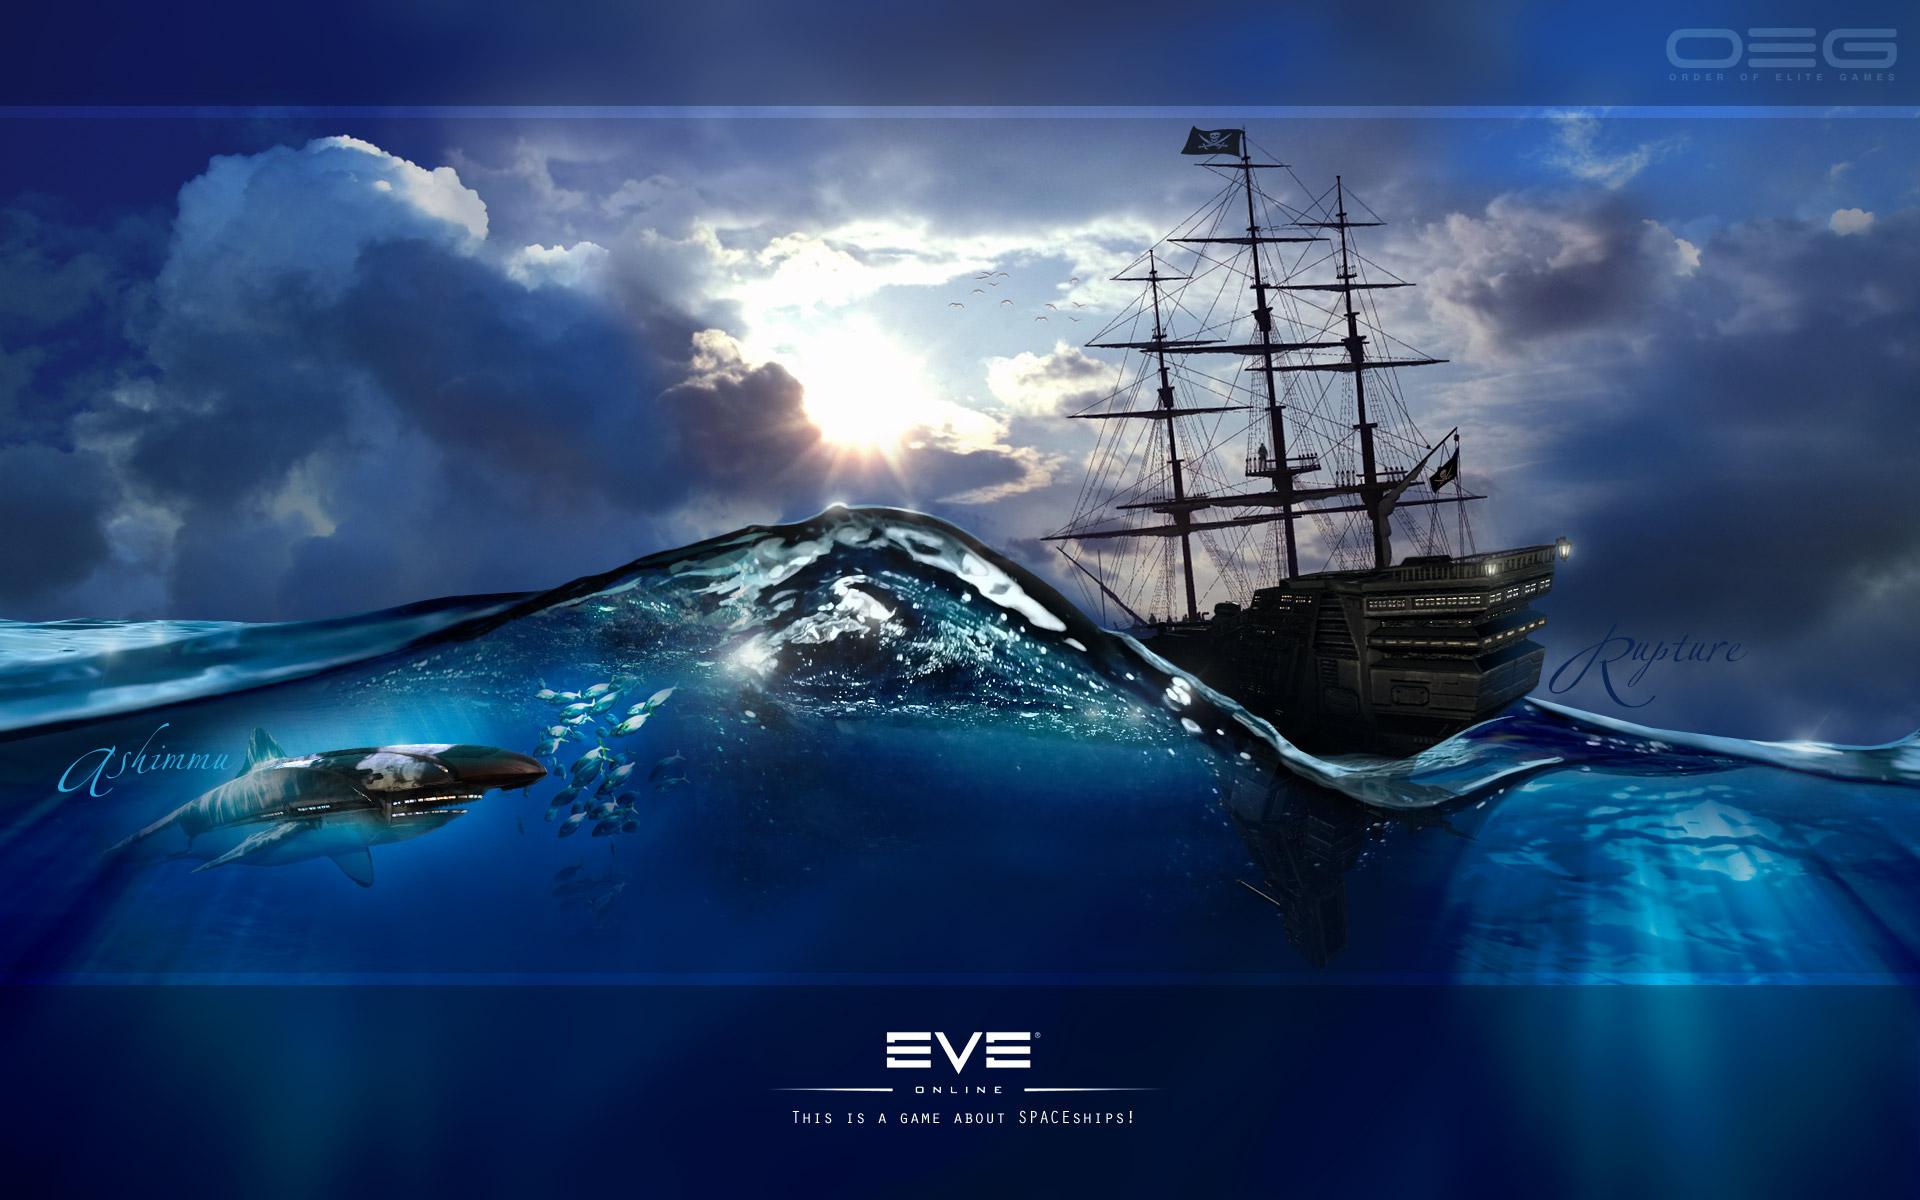 EVE Online Wallpapers Best Wallpapers 1920x1200